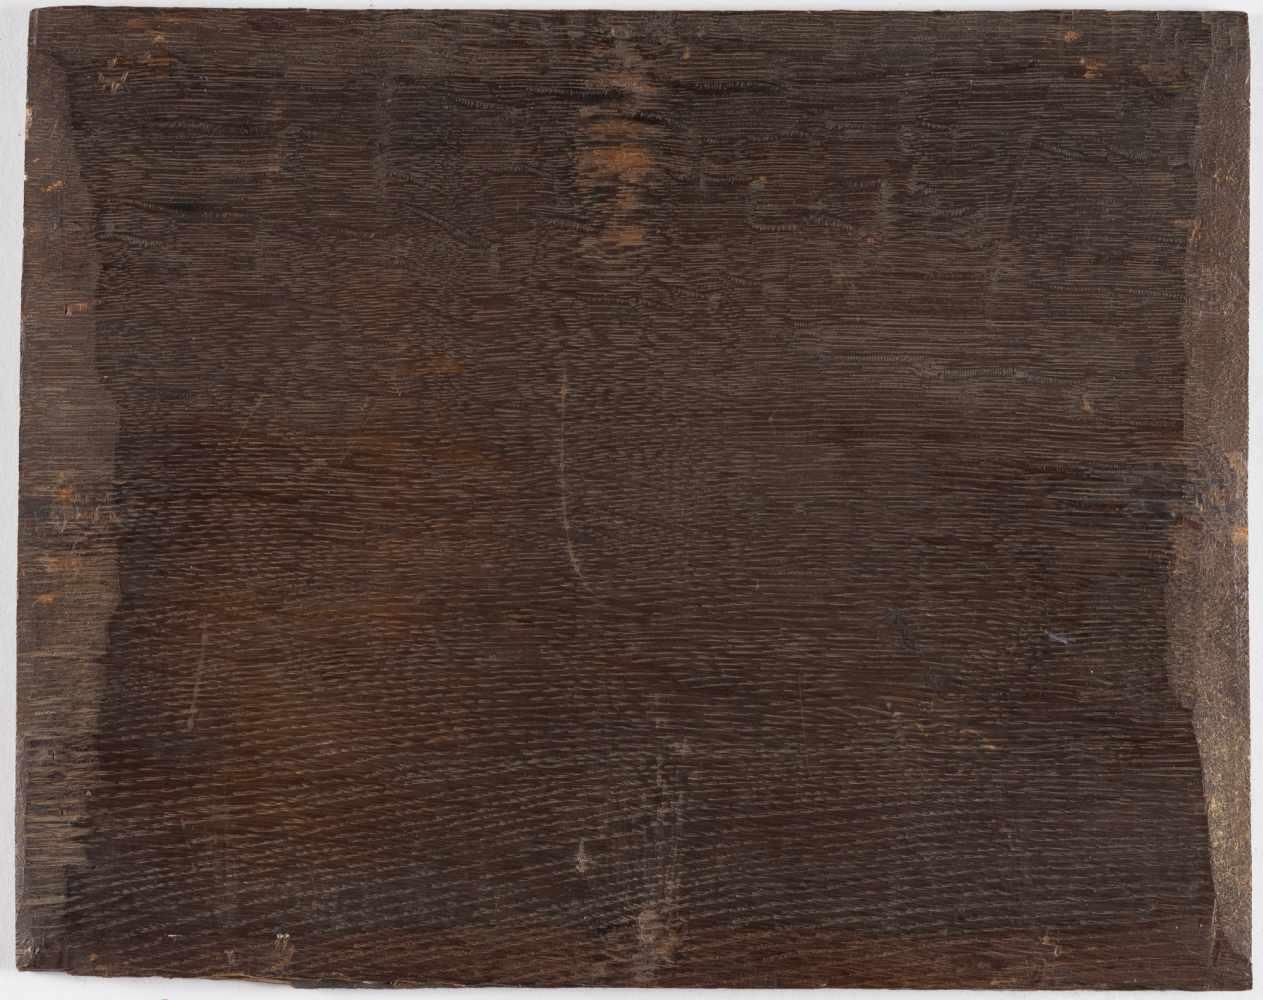 Lot 45 - Jan Willem van Borselen (zugeschrieben)1825 Gouda - Den Haag 1892Angler auf einem WeiherÖl auf Holz.